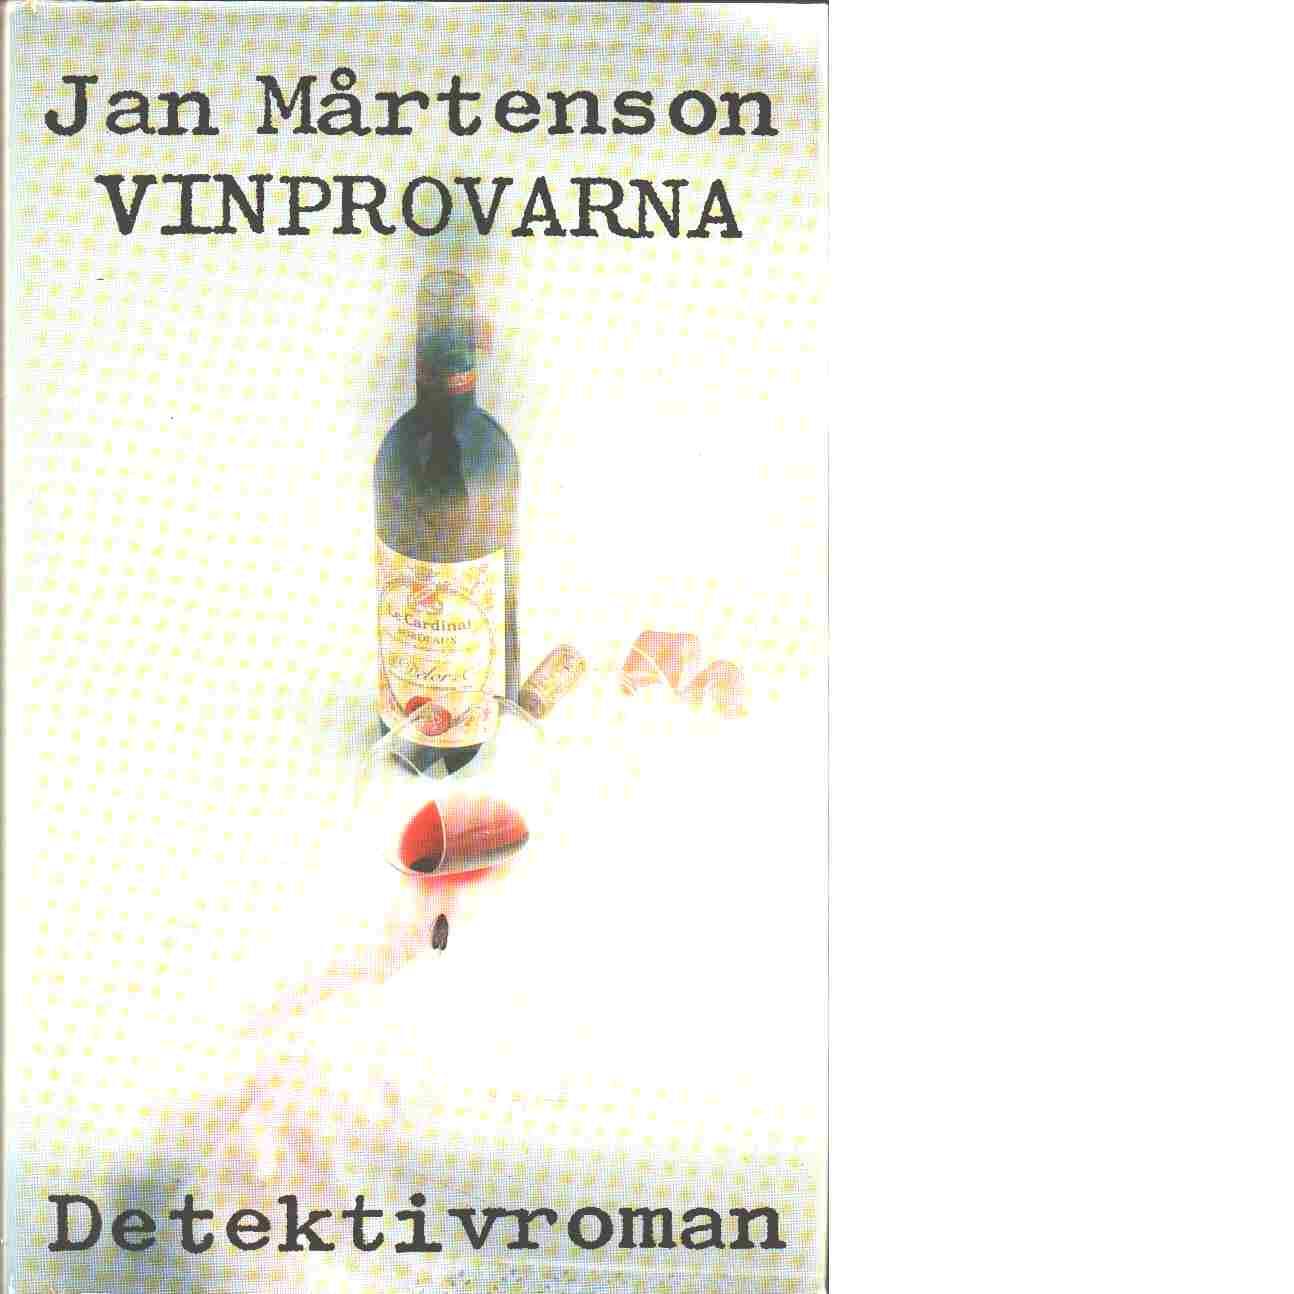 Vinprovarna - Mårtenson, Jan